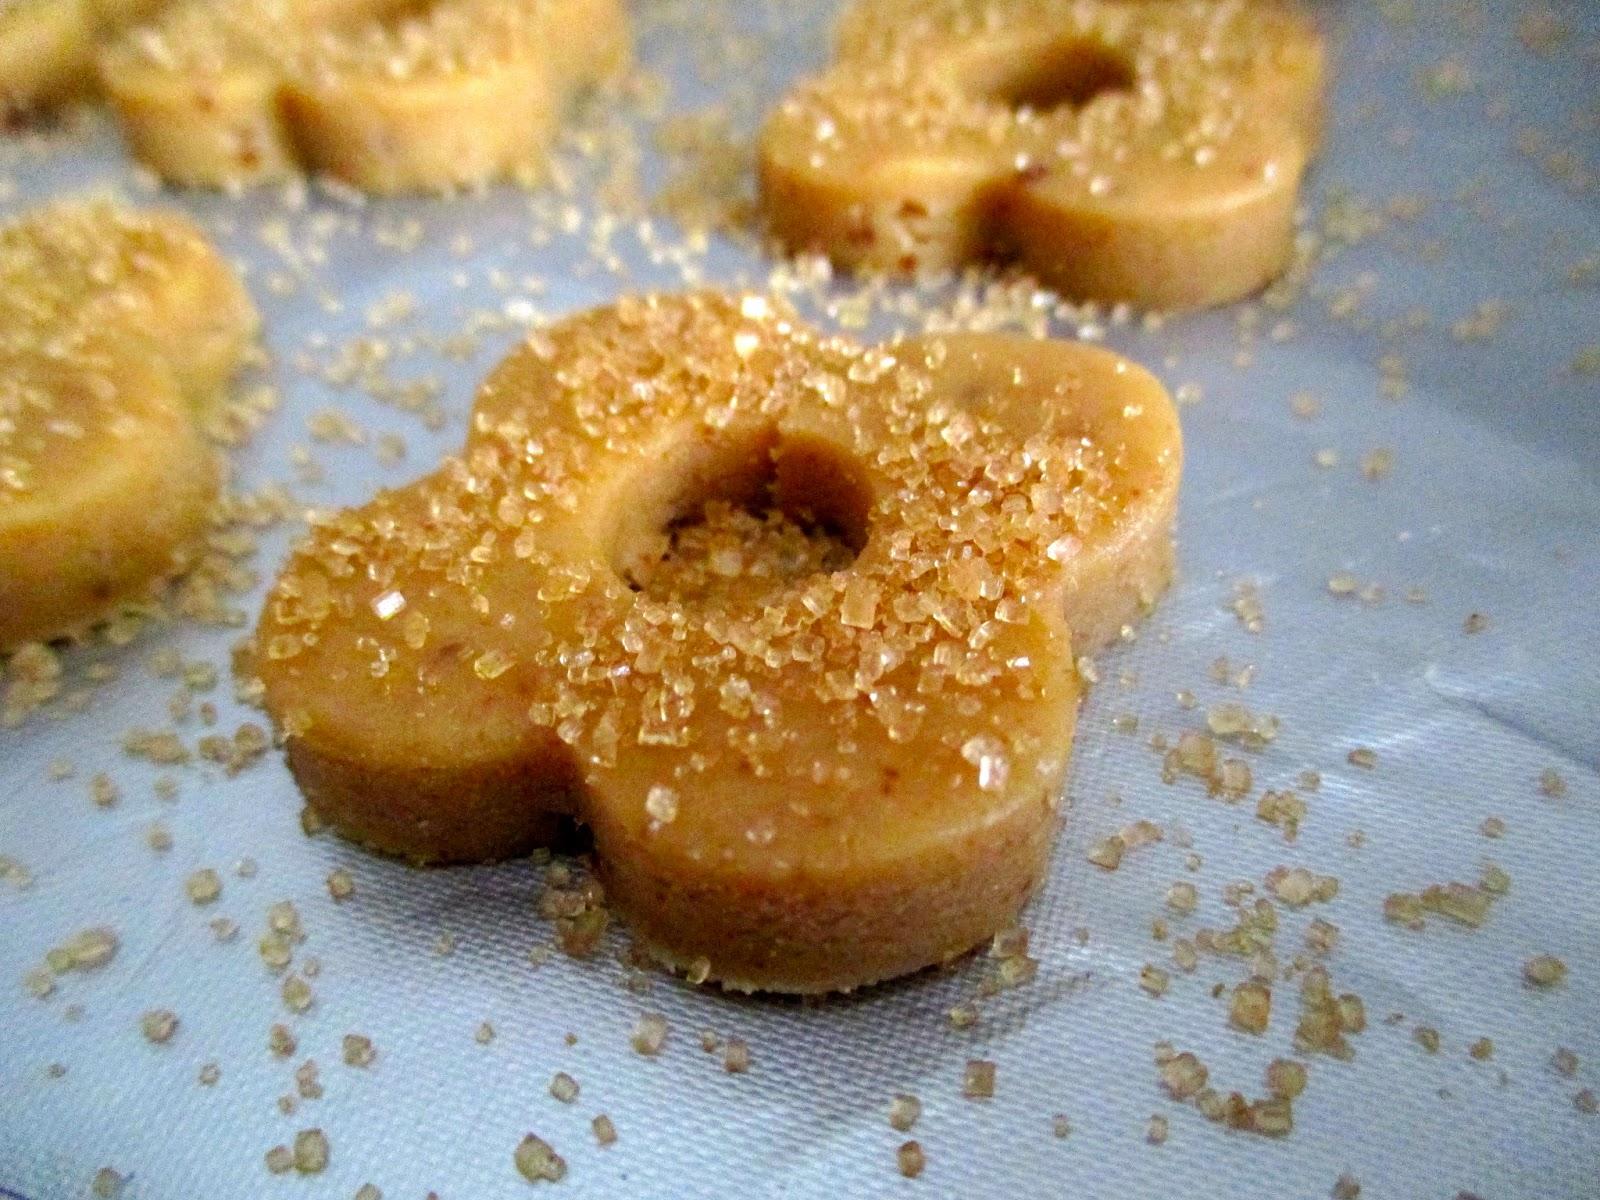 Super La cucina degli Angeli: Frollini al caramello muscovado di Luca  OC22